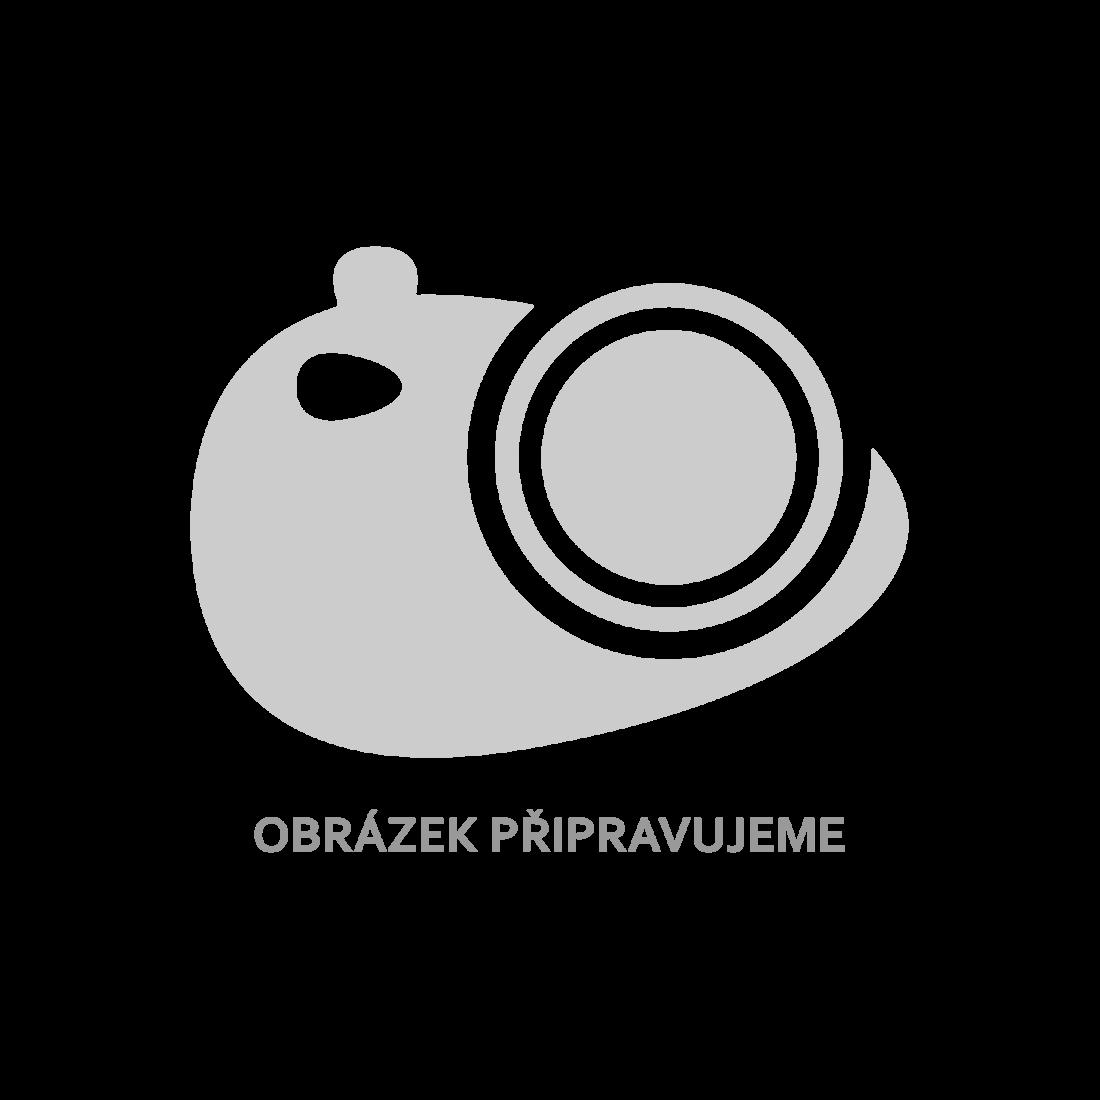 vidaXL vidaZL Příborník se zásuvkami šedý 60 x 35 x 121 cm dřevotříska [801411]